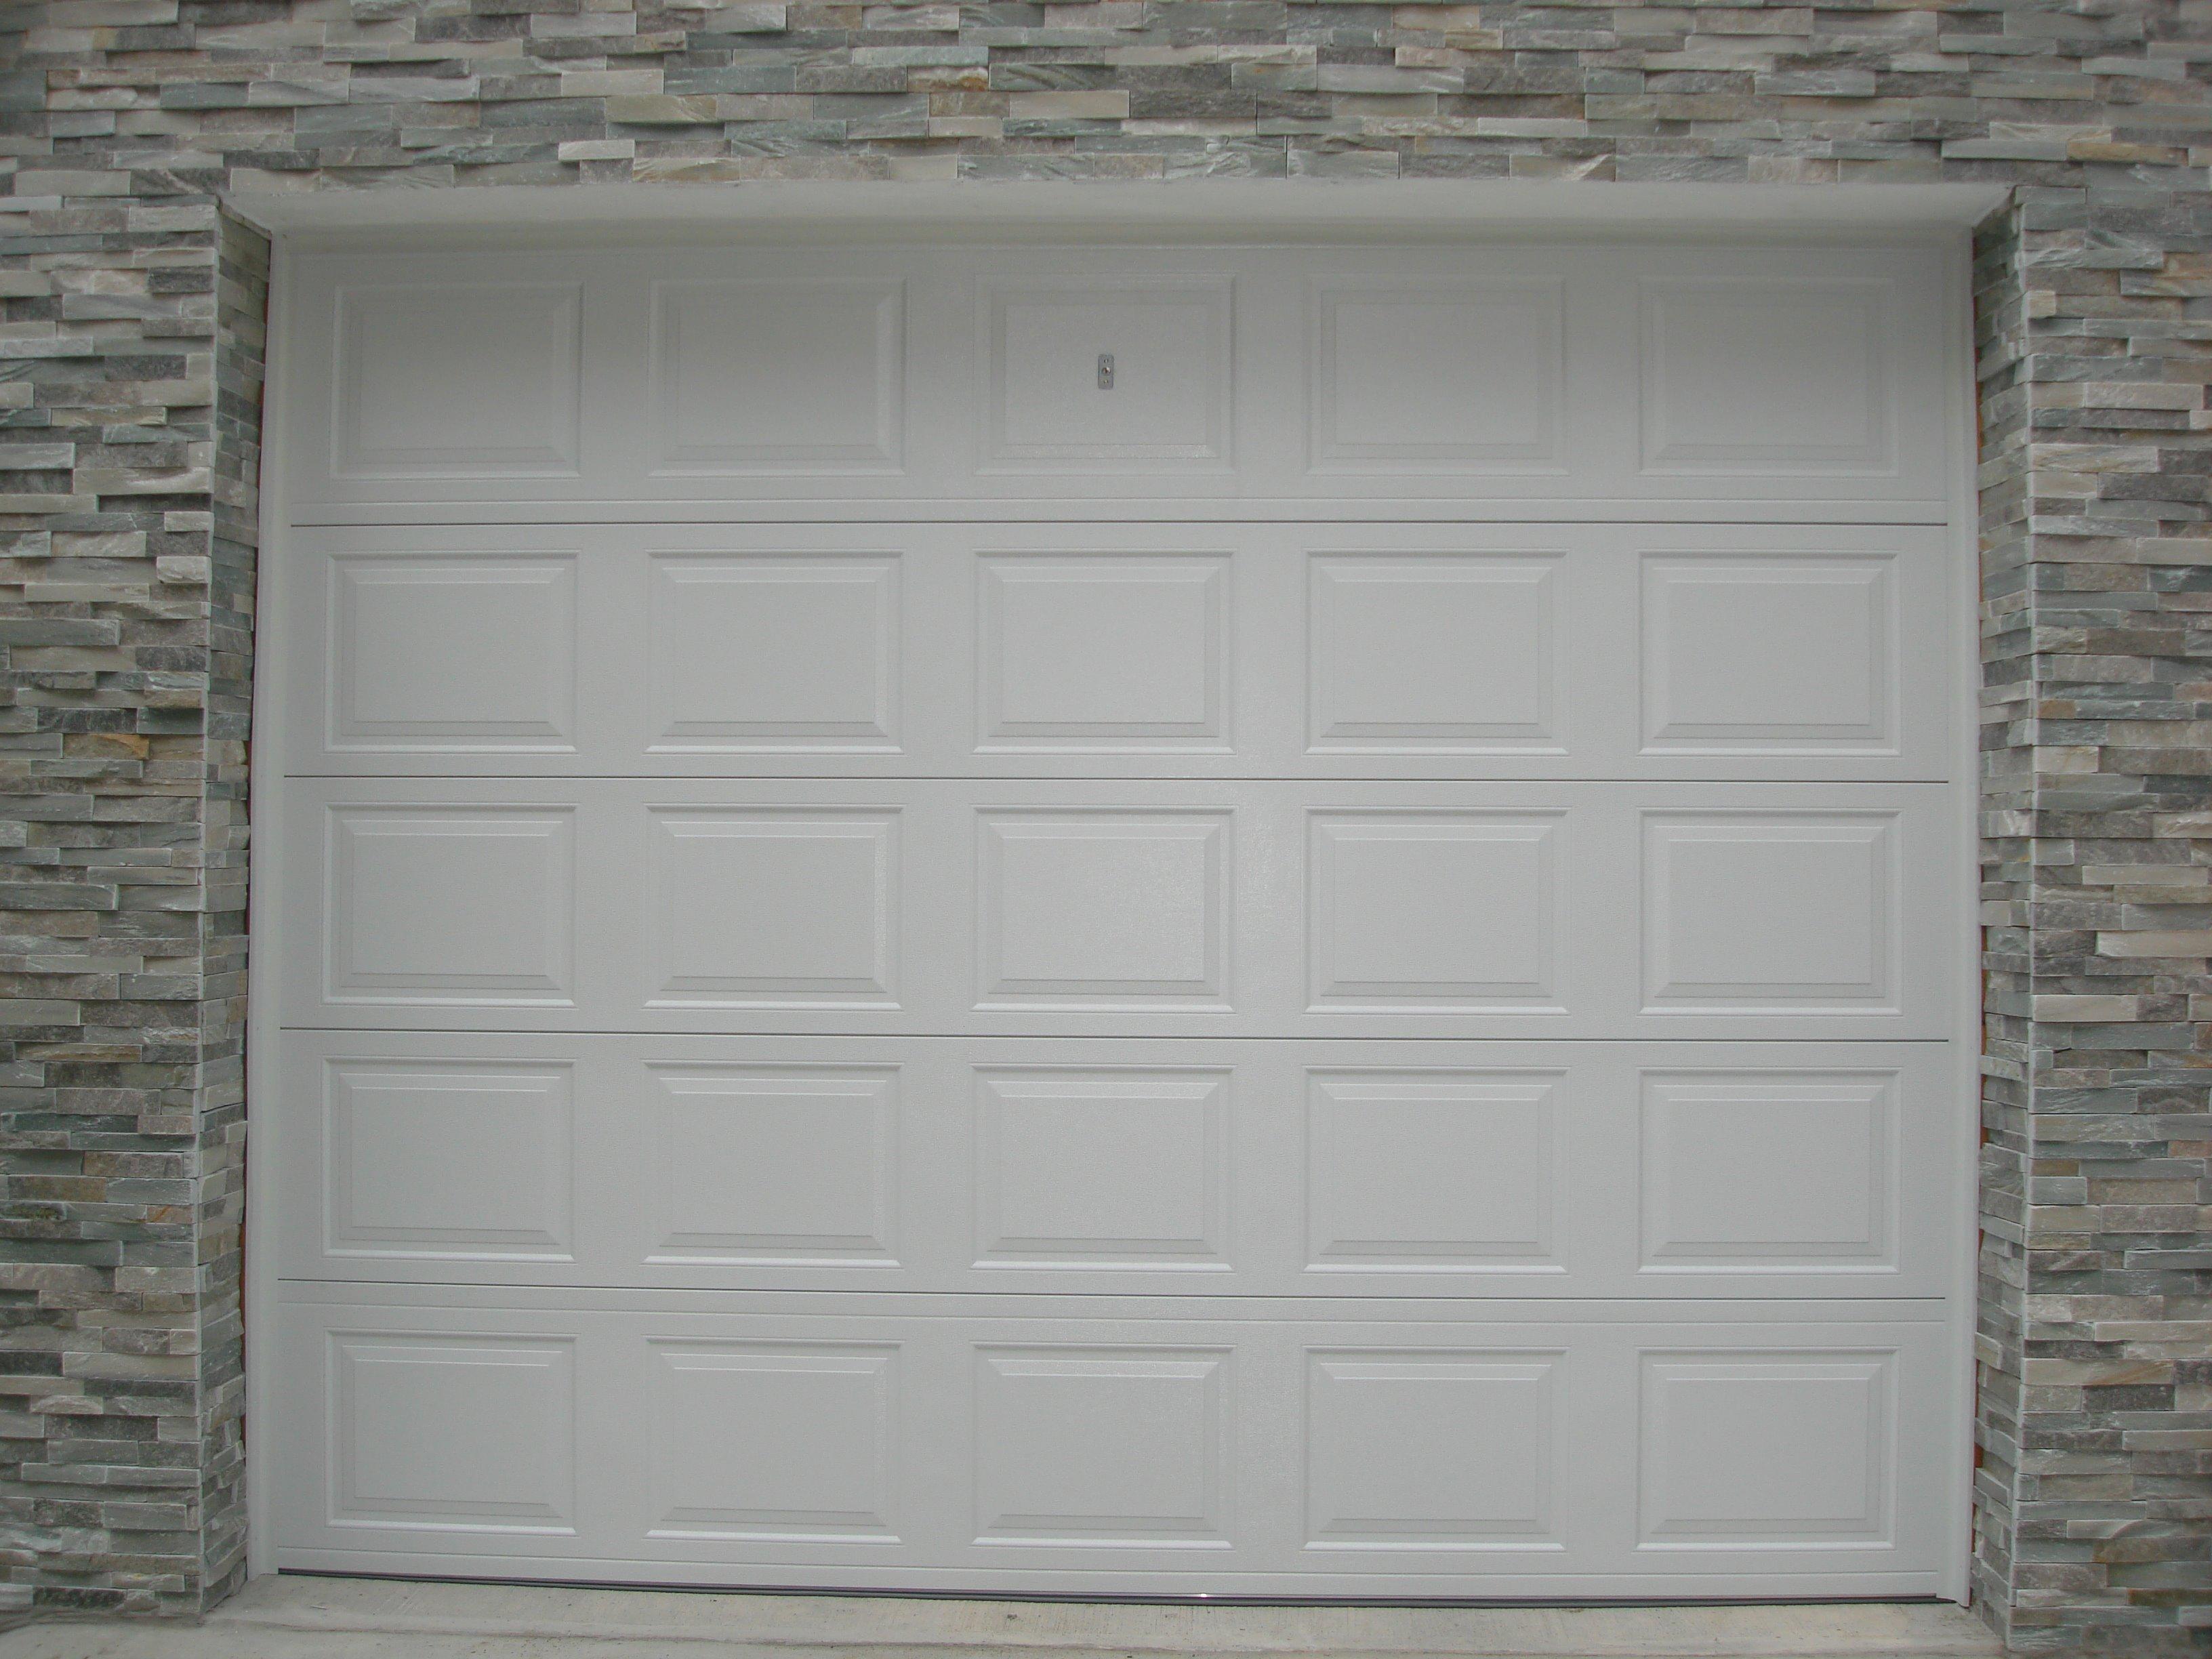 EazyLift Garage Door Company image 23